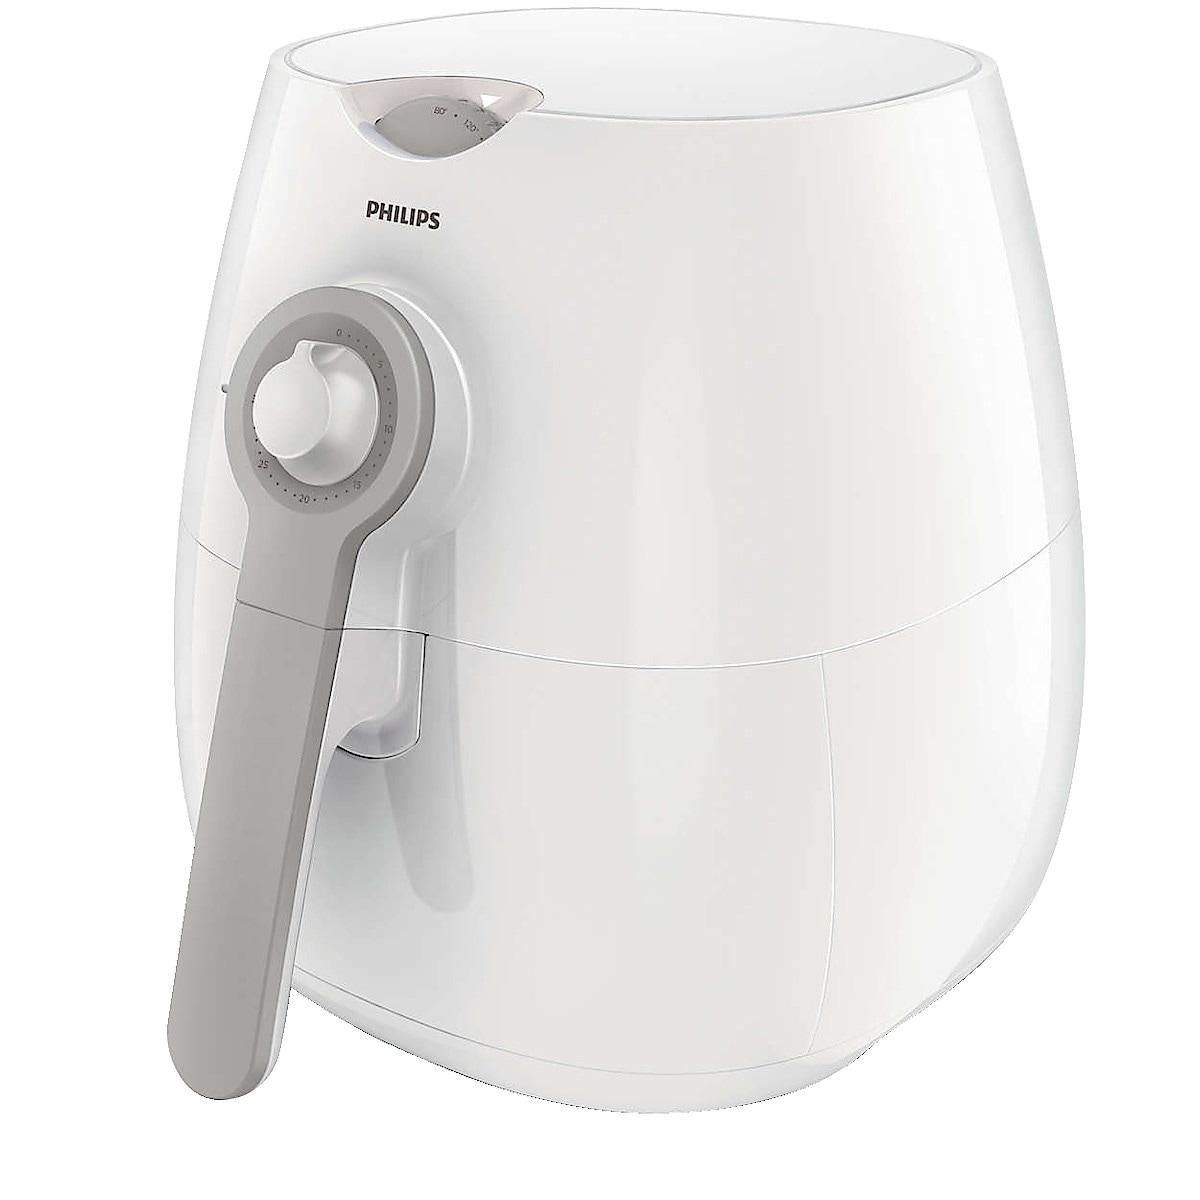 Luftfritös Philips HD9216/80